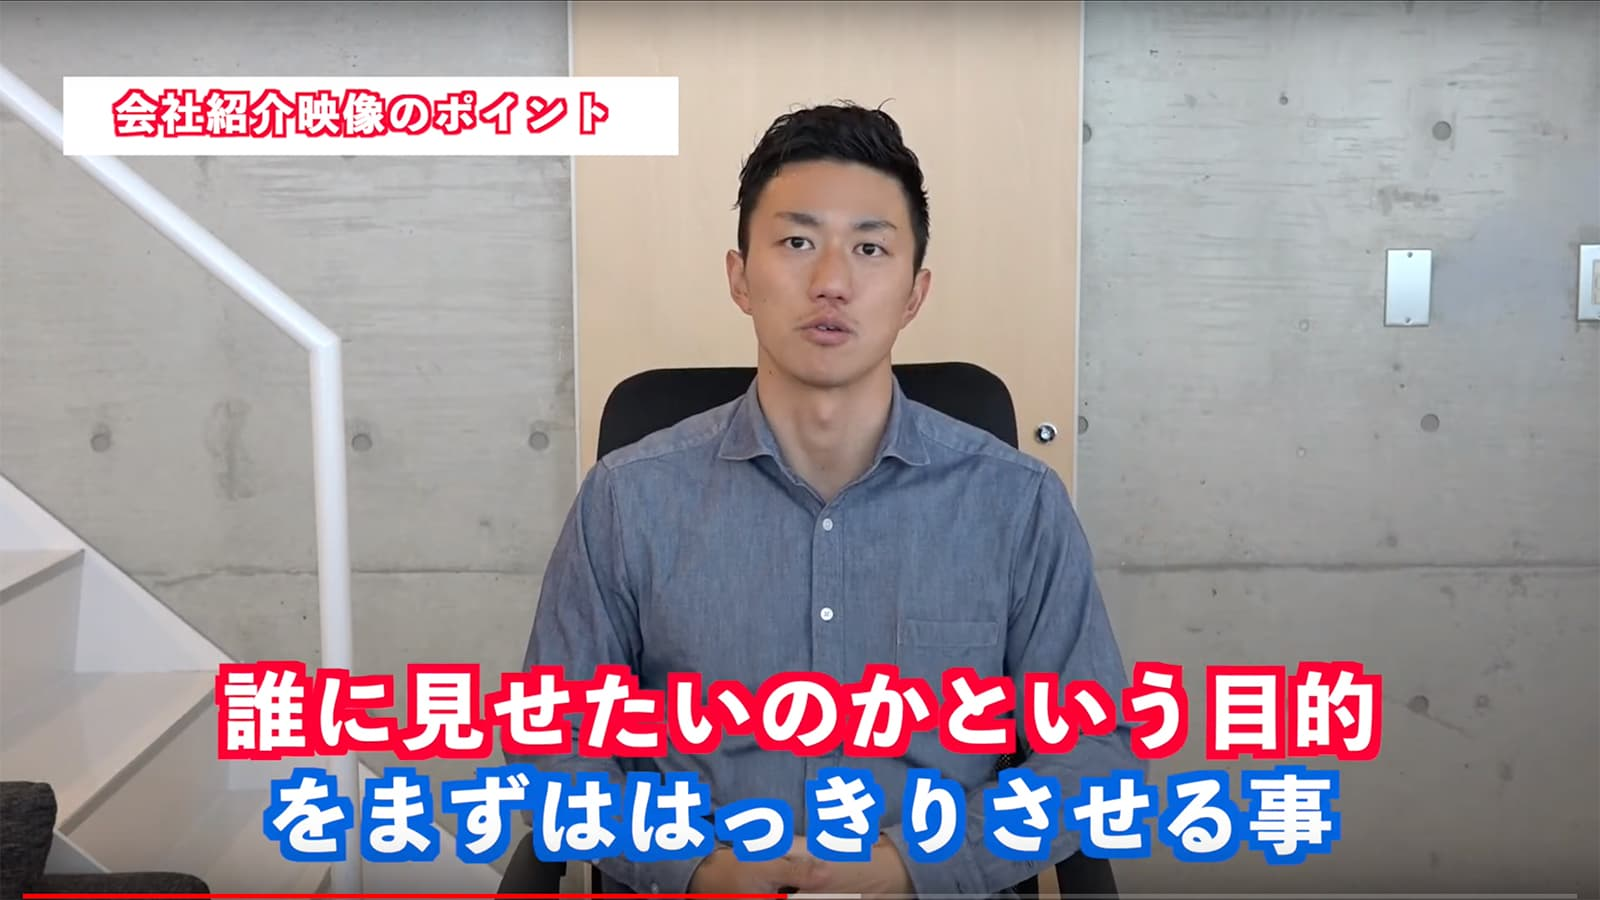 企業のプロモーション動画制作のコツ〜会社紹介映像〜